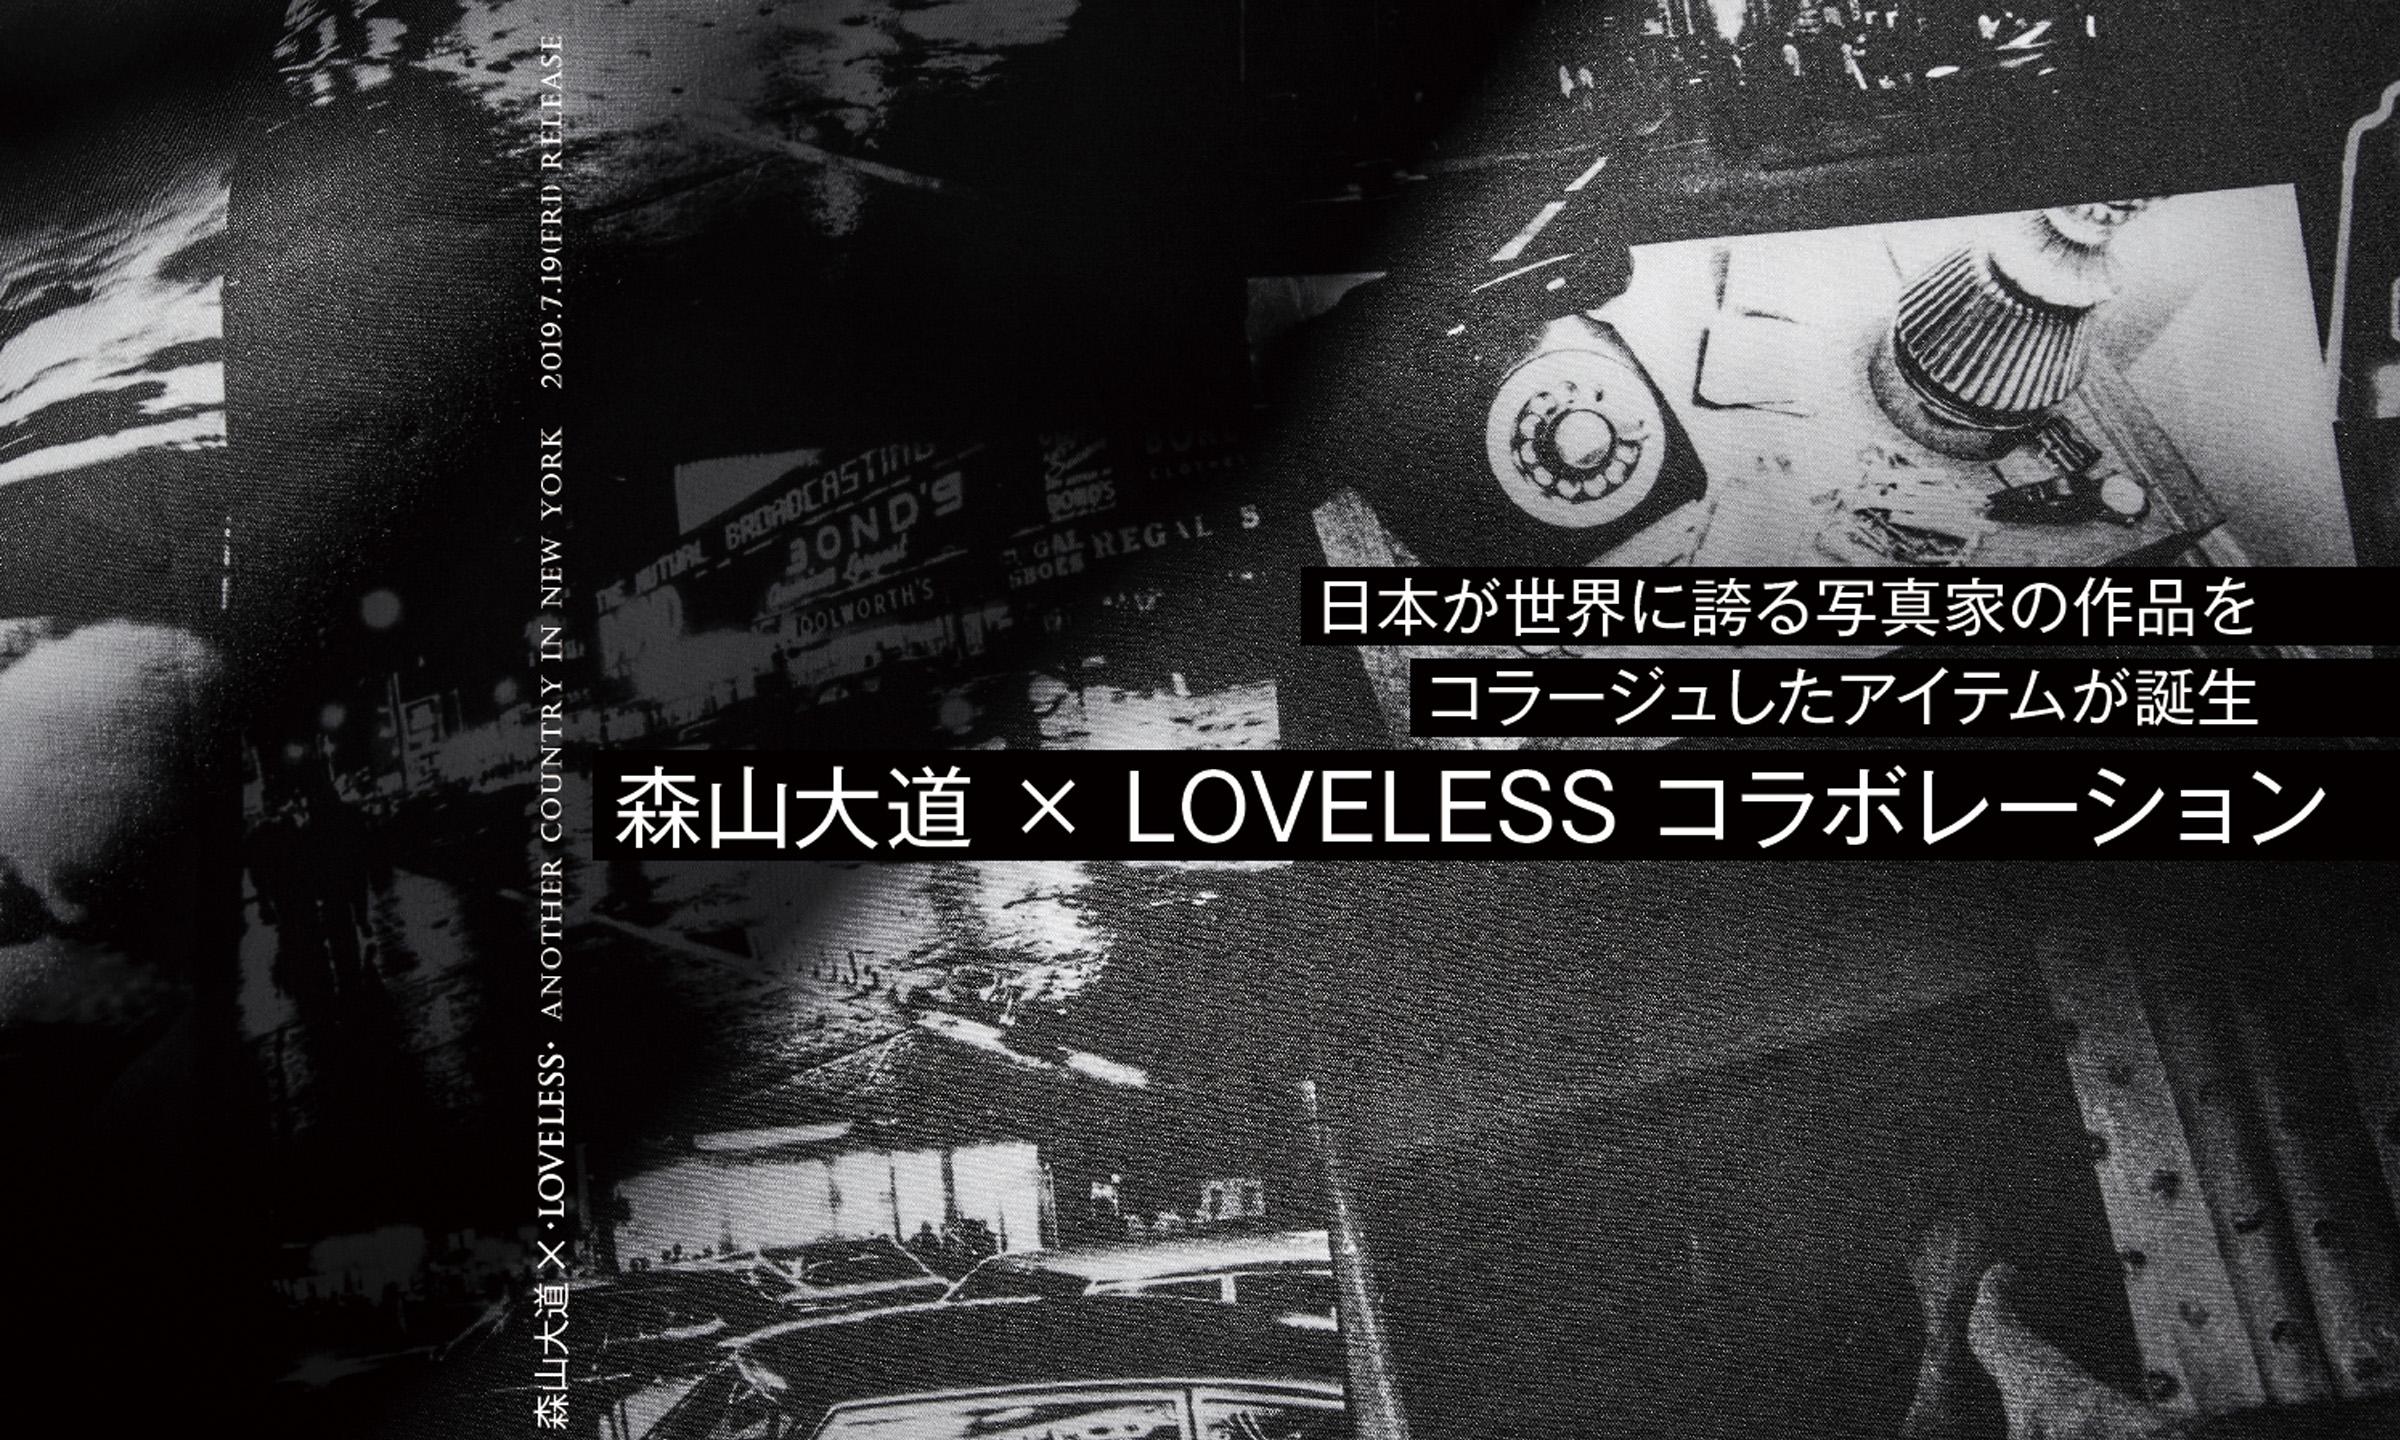 日本が世界に誇る写真家の作品をコラージュしたアイテムが誕生 -森山大道 × LOVELESS コラボレーション-